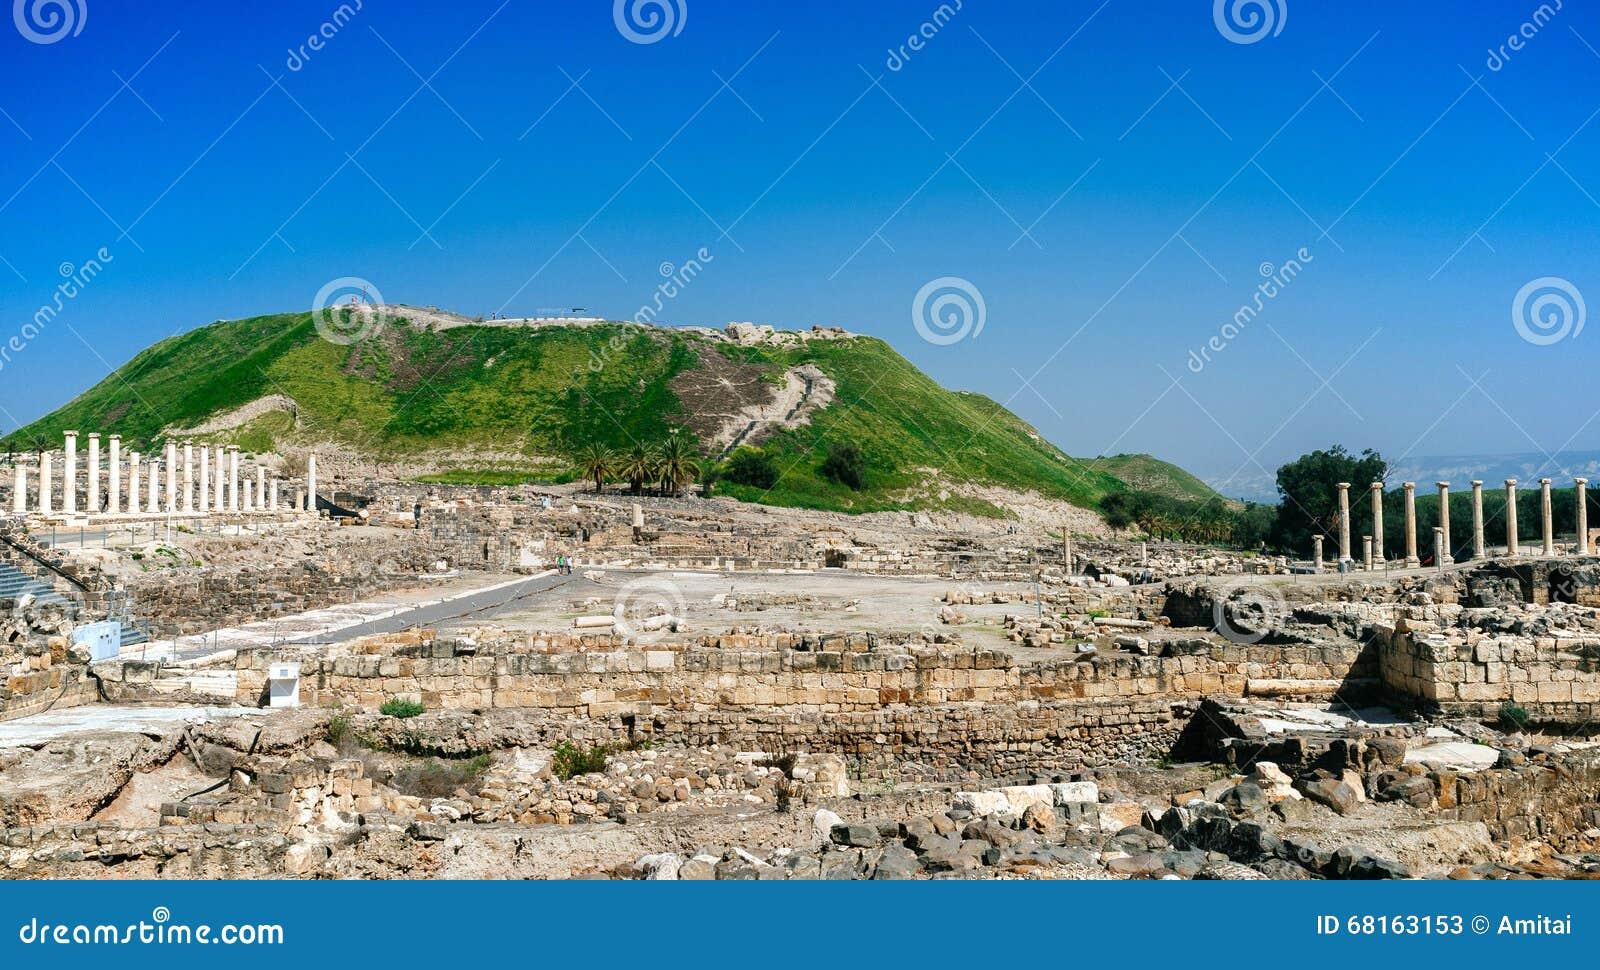 Σειρά Άγιων Τόπων - Beit Shean ruins#4